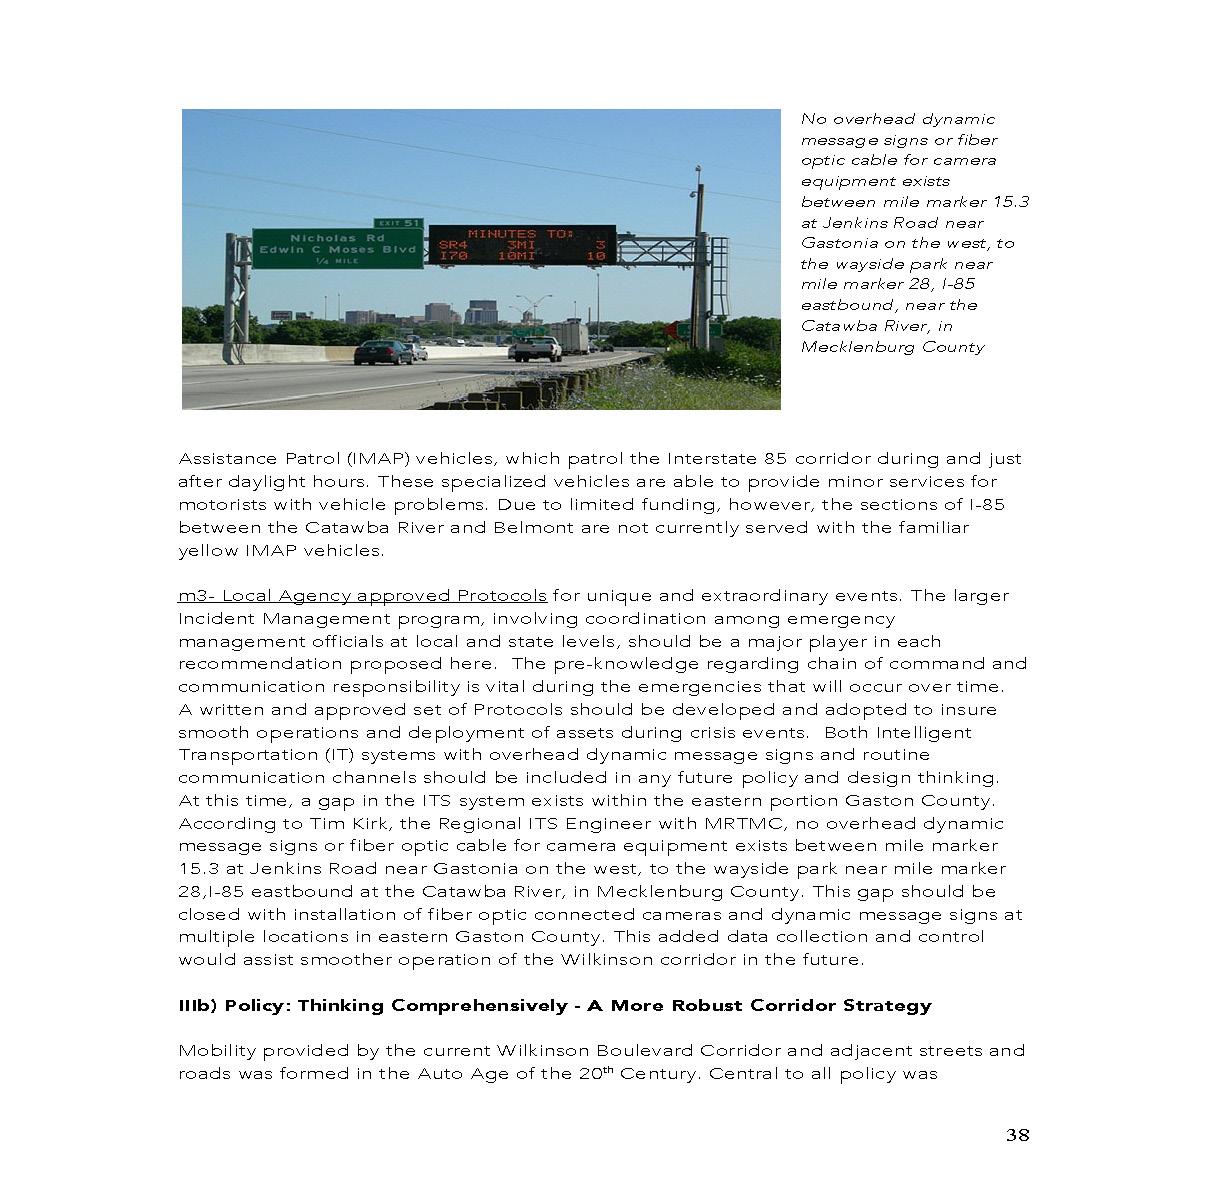 1 WilkinsonBlvd Draft Report 1-22-15 RH_Peter Edit_Page_38.jpg